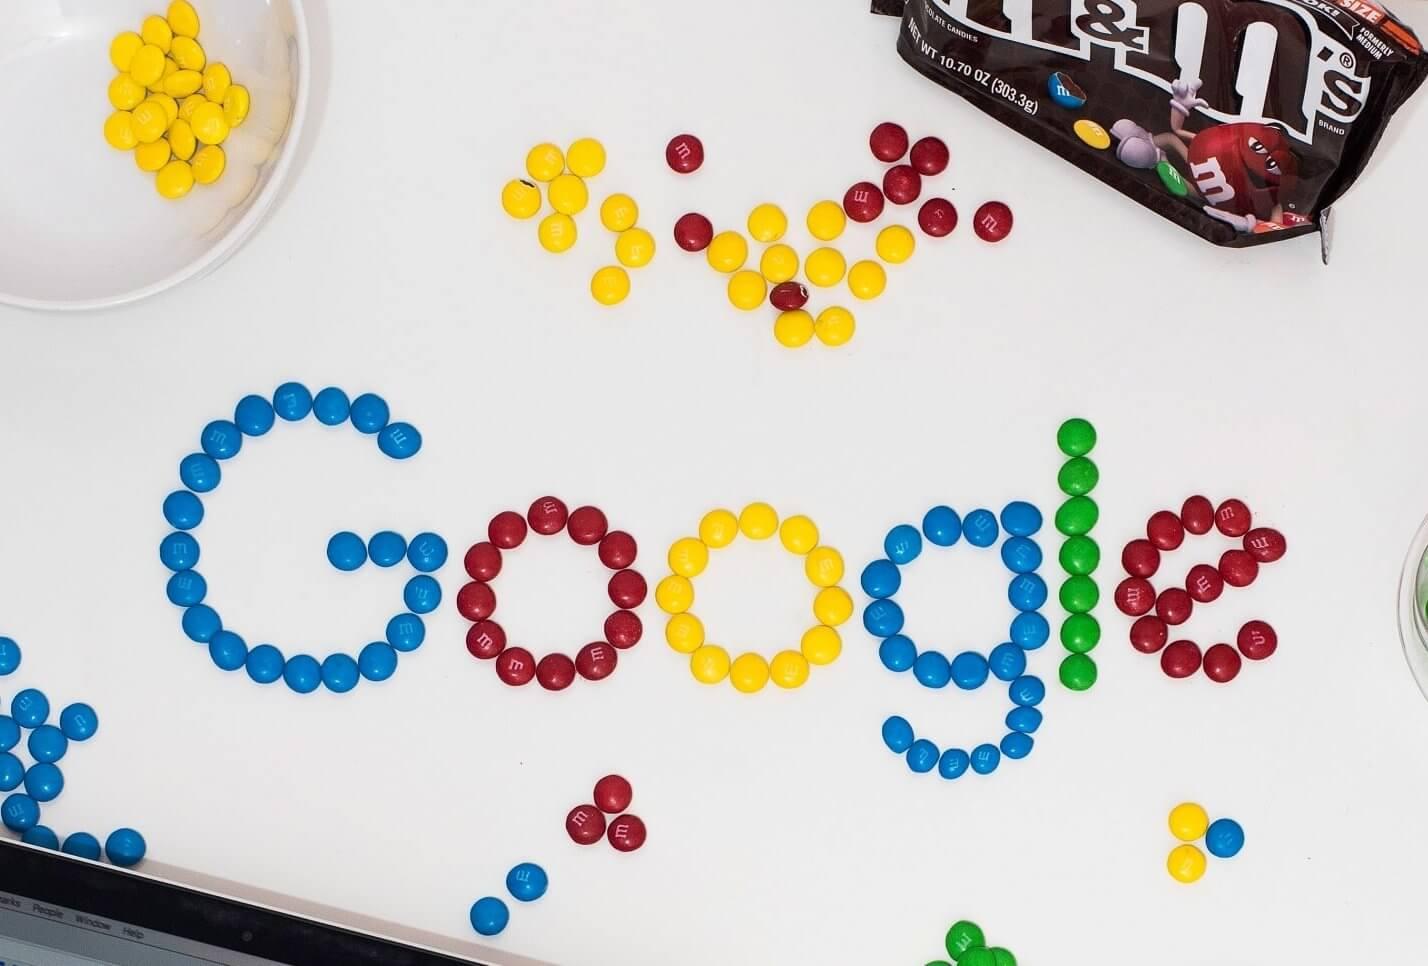 google update a seo